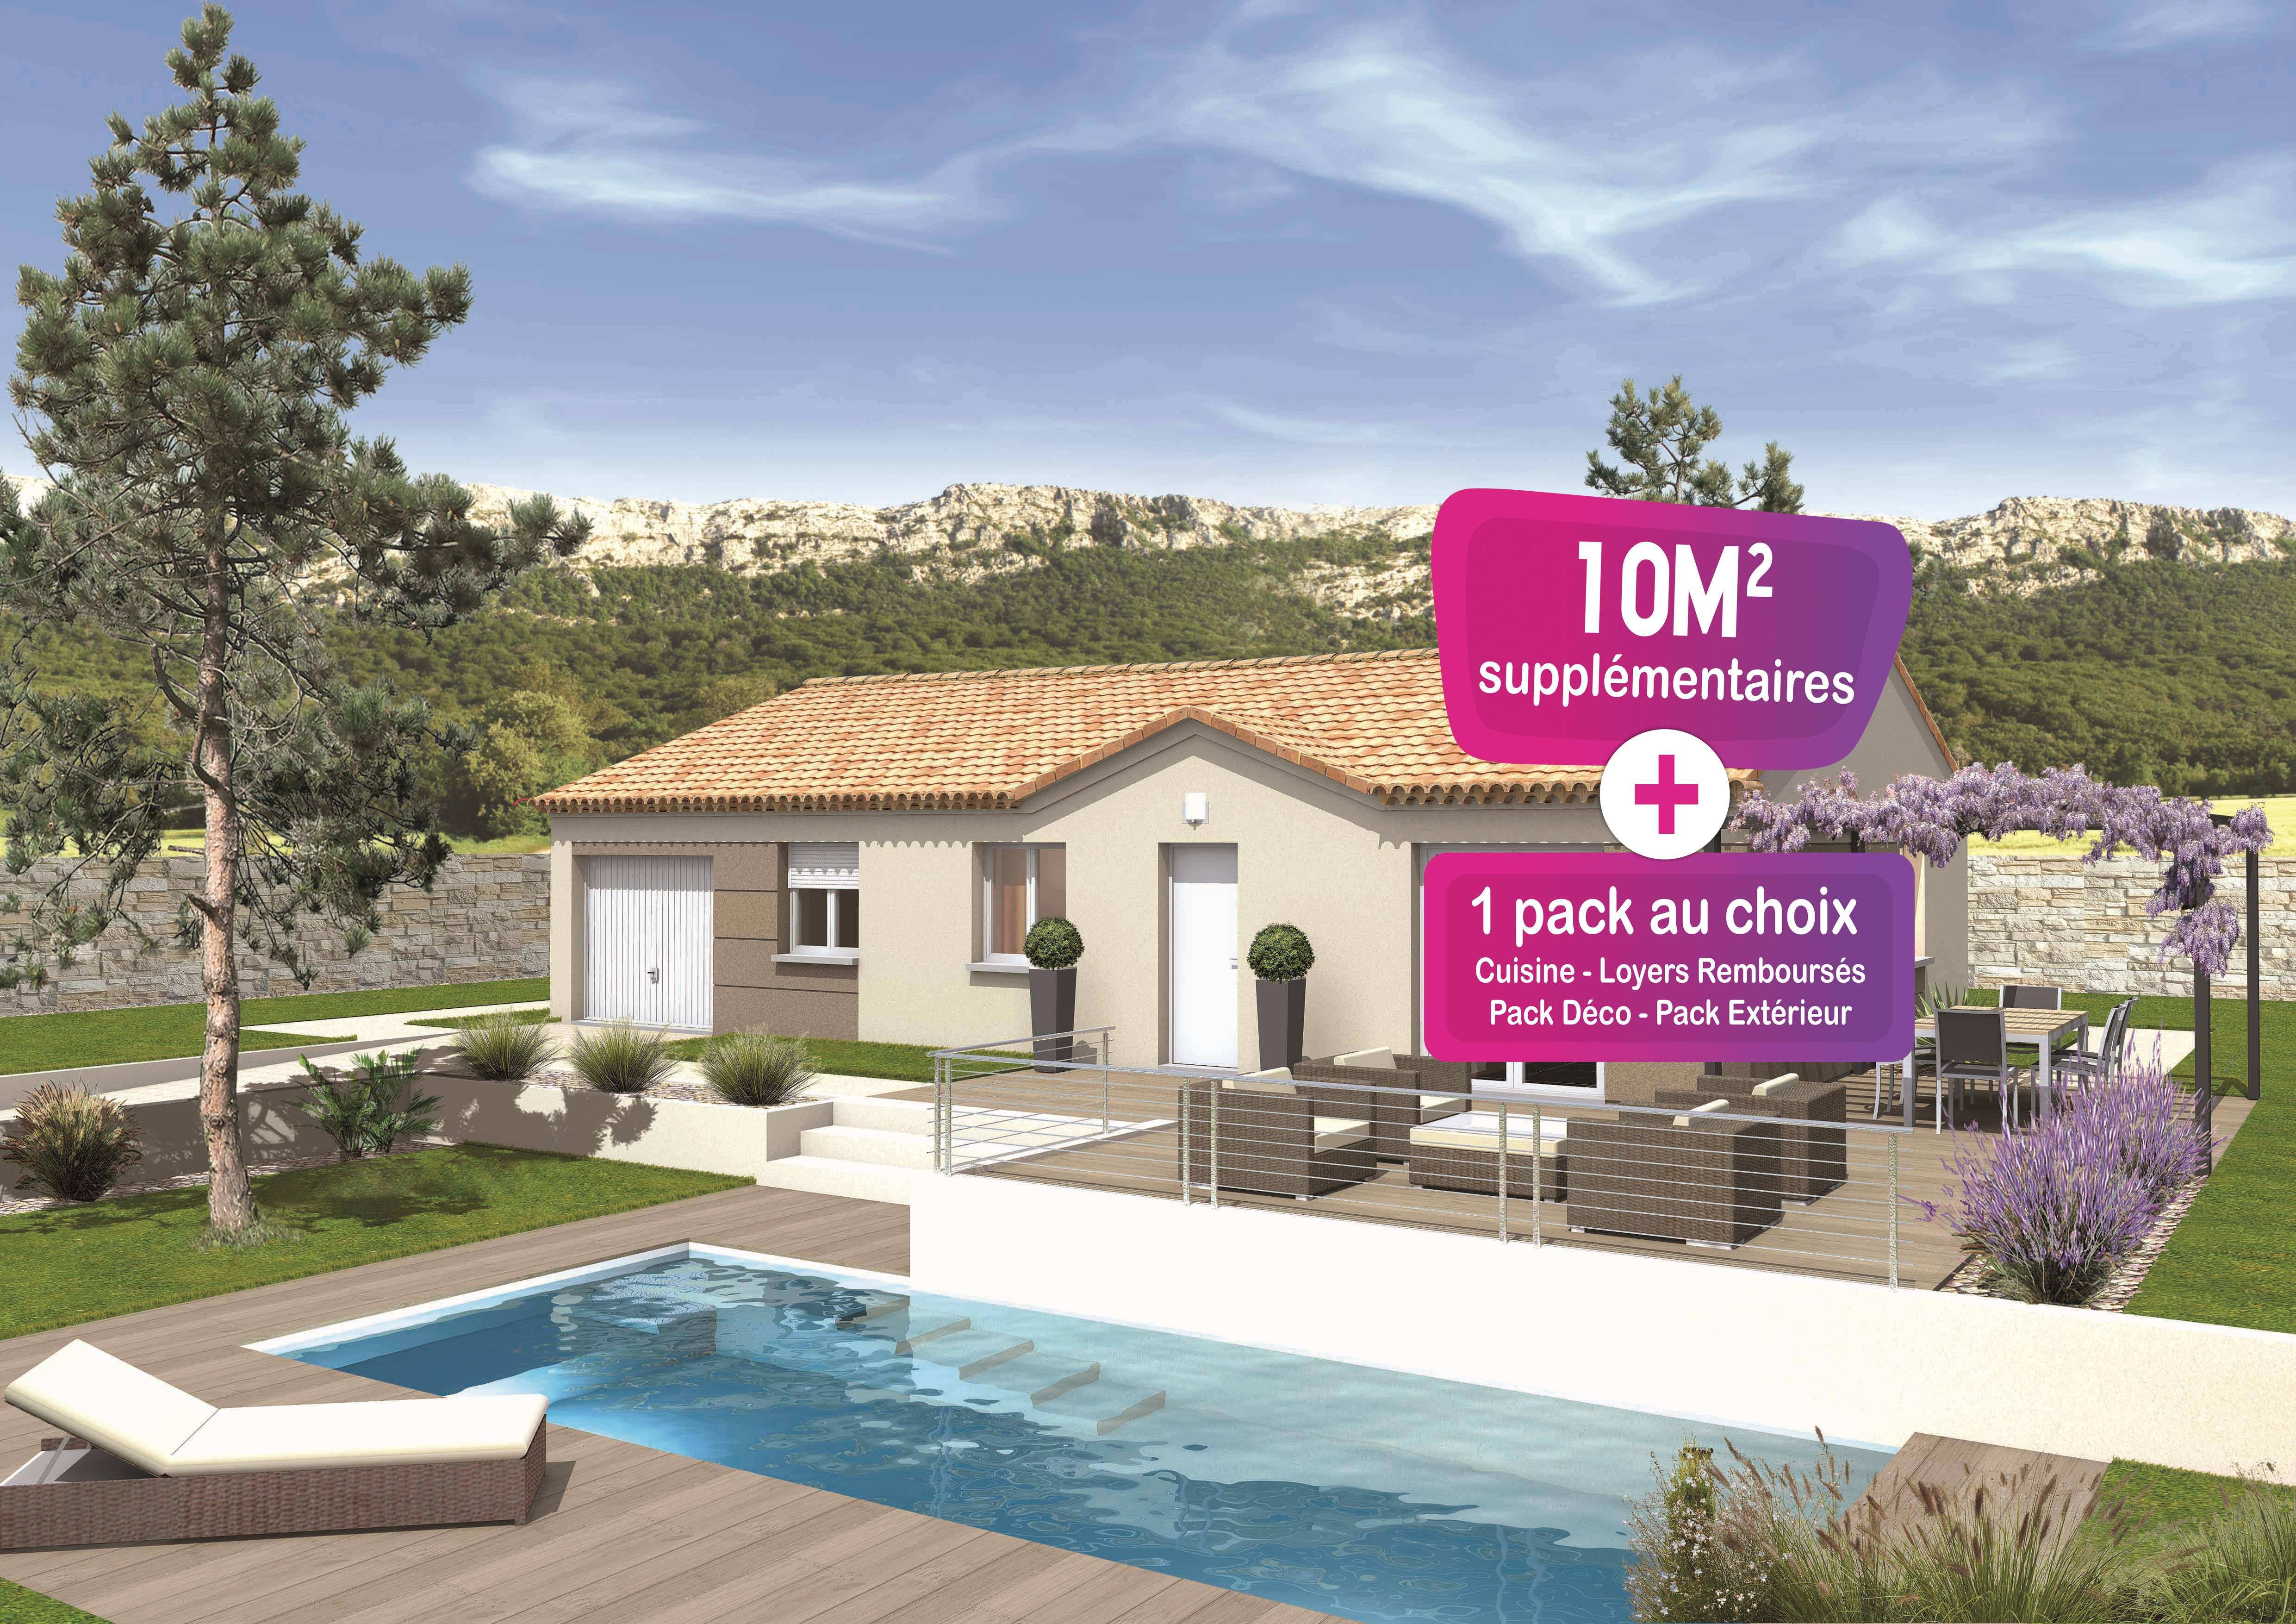 Maisons + Terrains du constructeur MAISONS PUNCH • 85 m² • LAUDUN